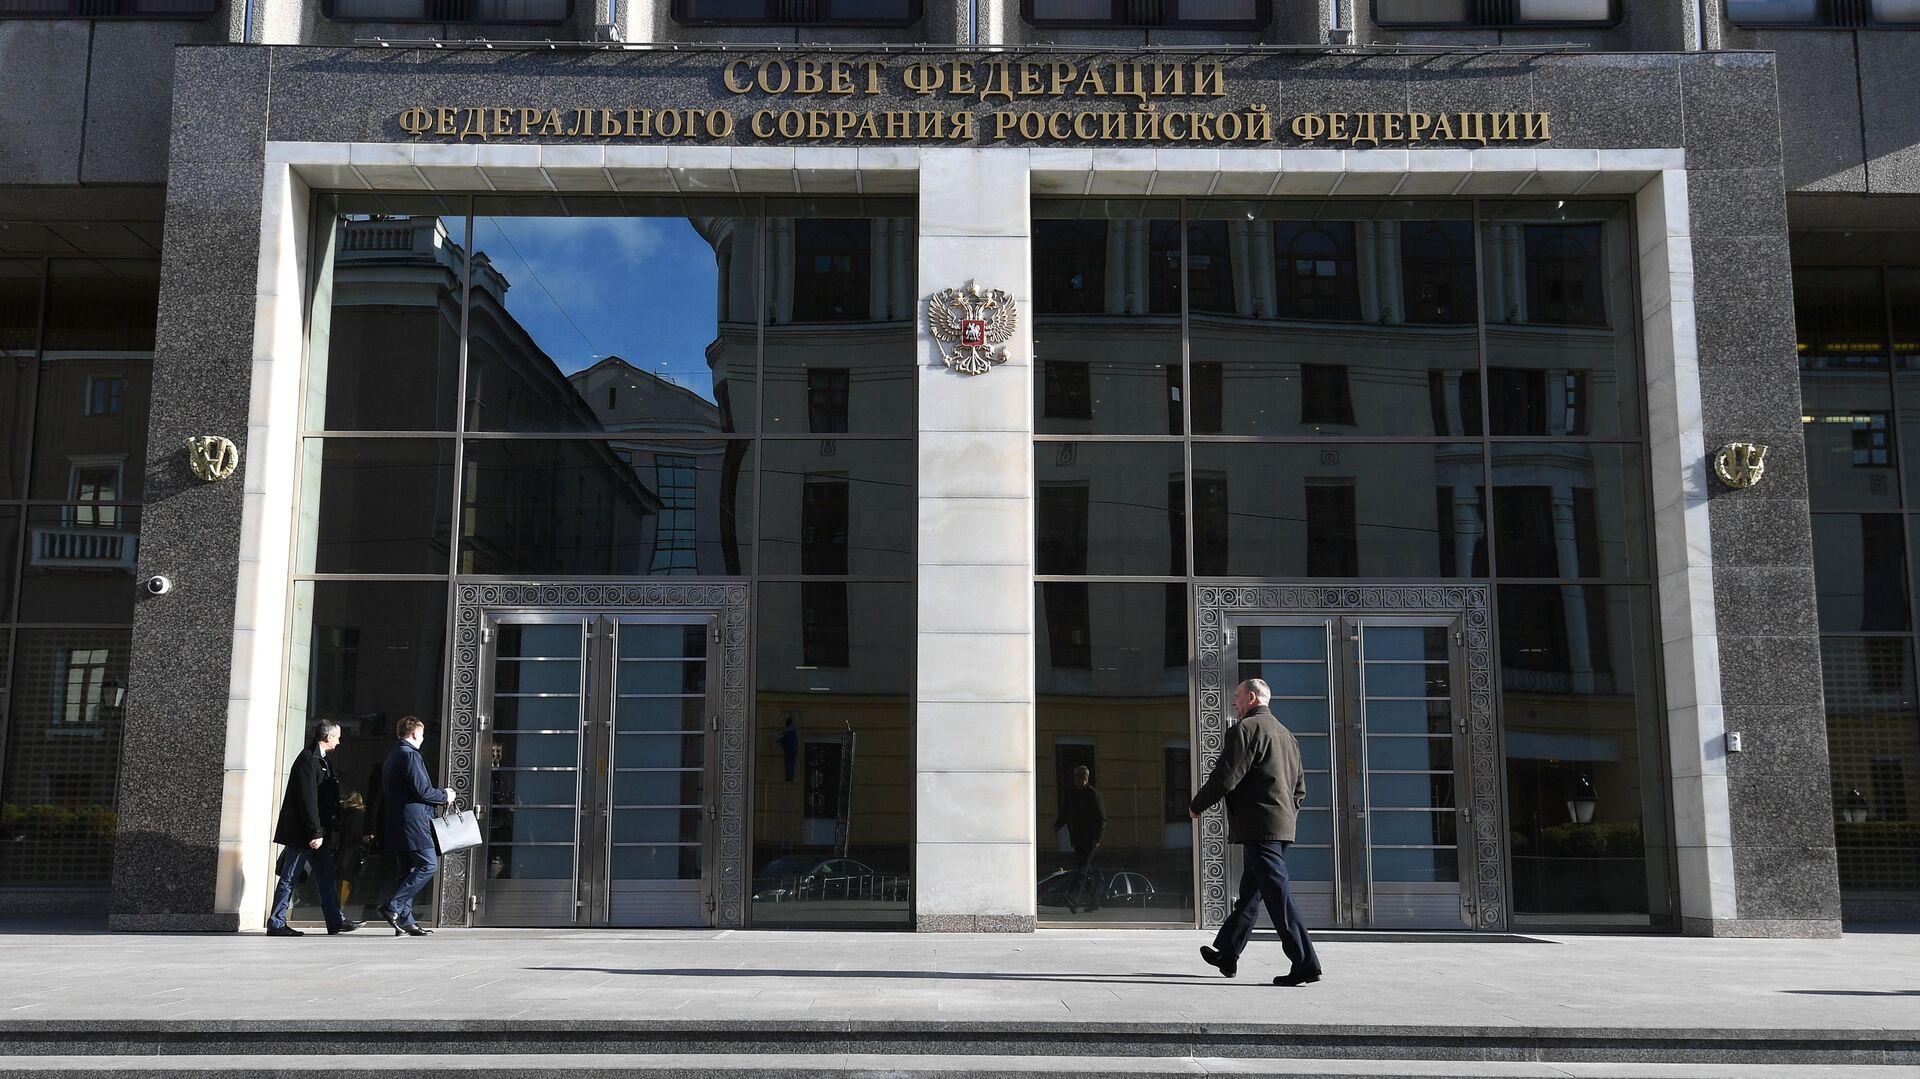 Посетители у здания Совета Федерации РФ - РИА Новости, 1920, 16.10.2020